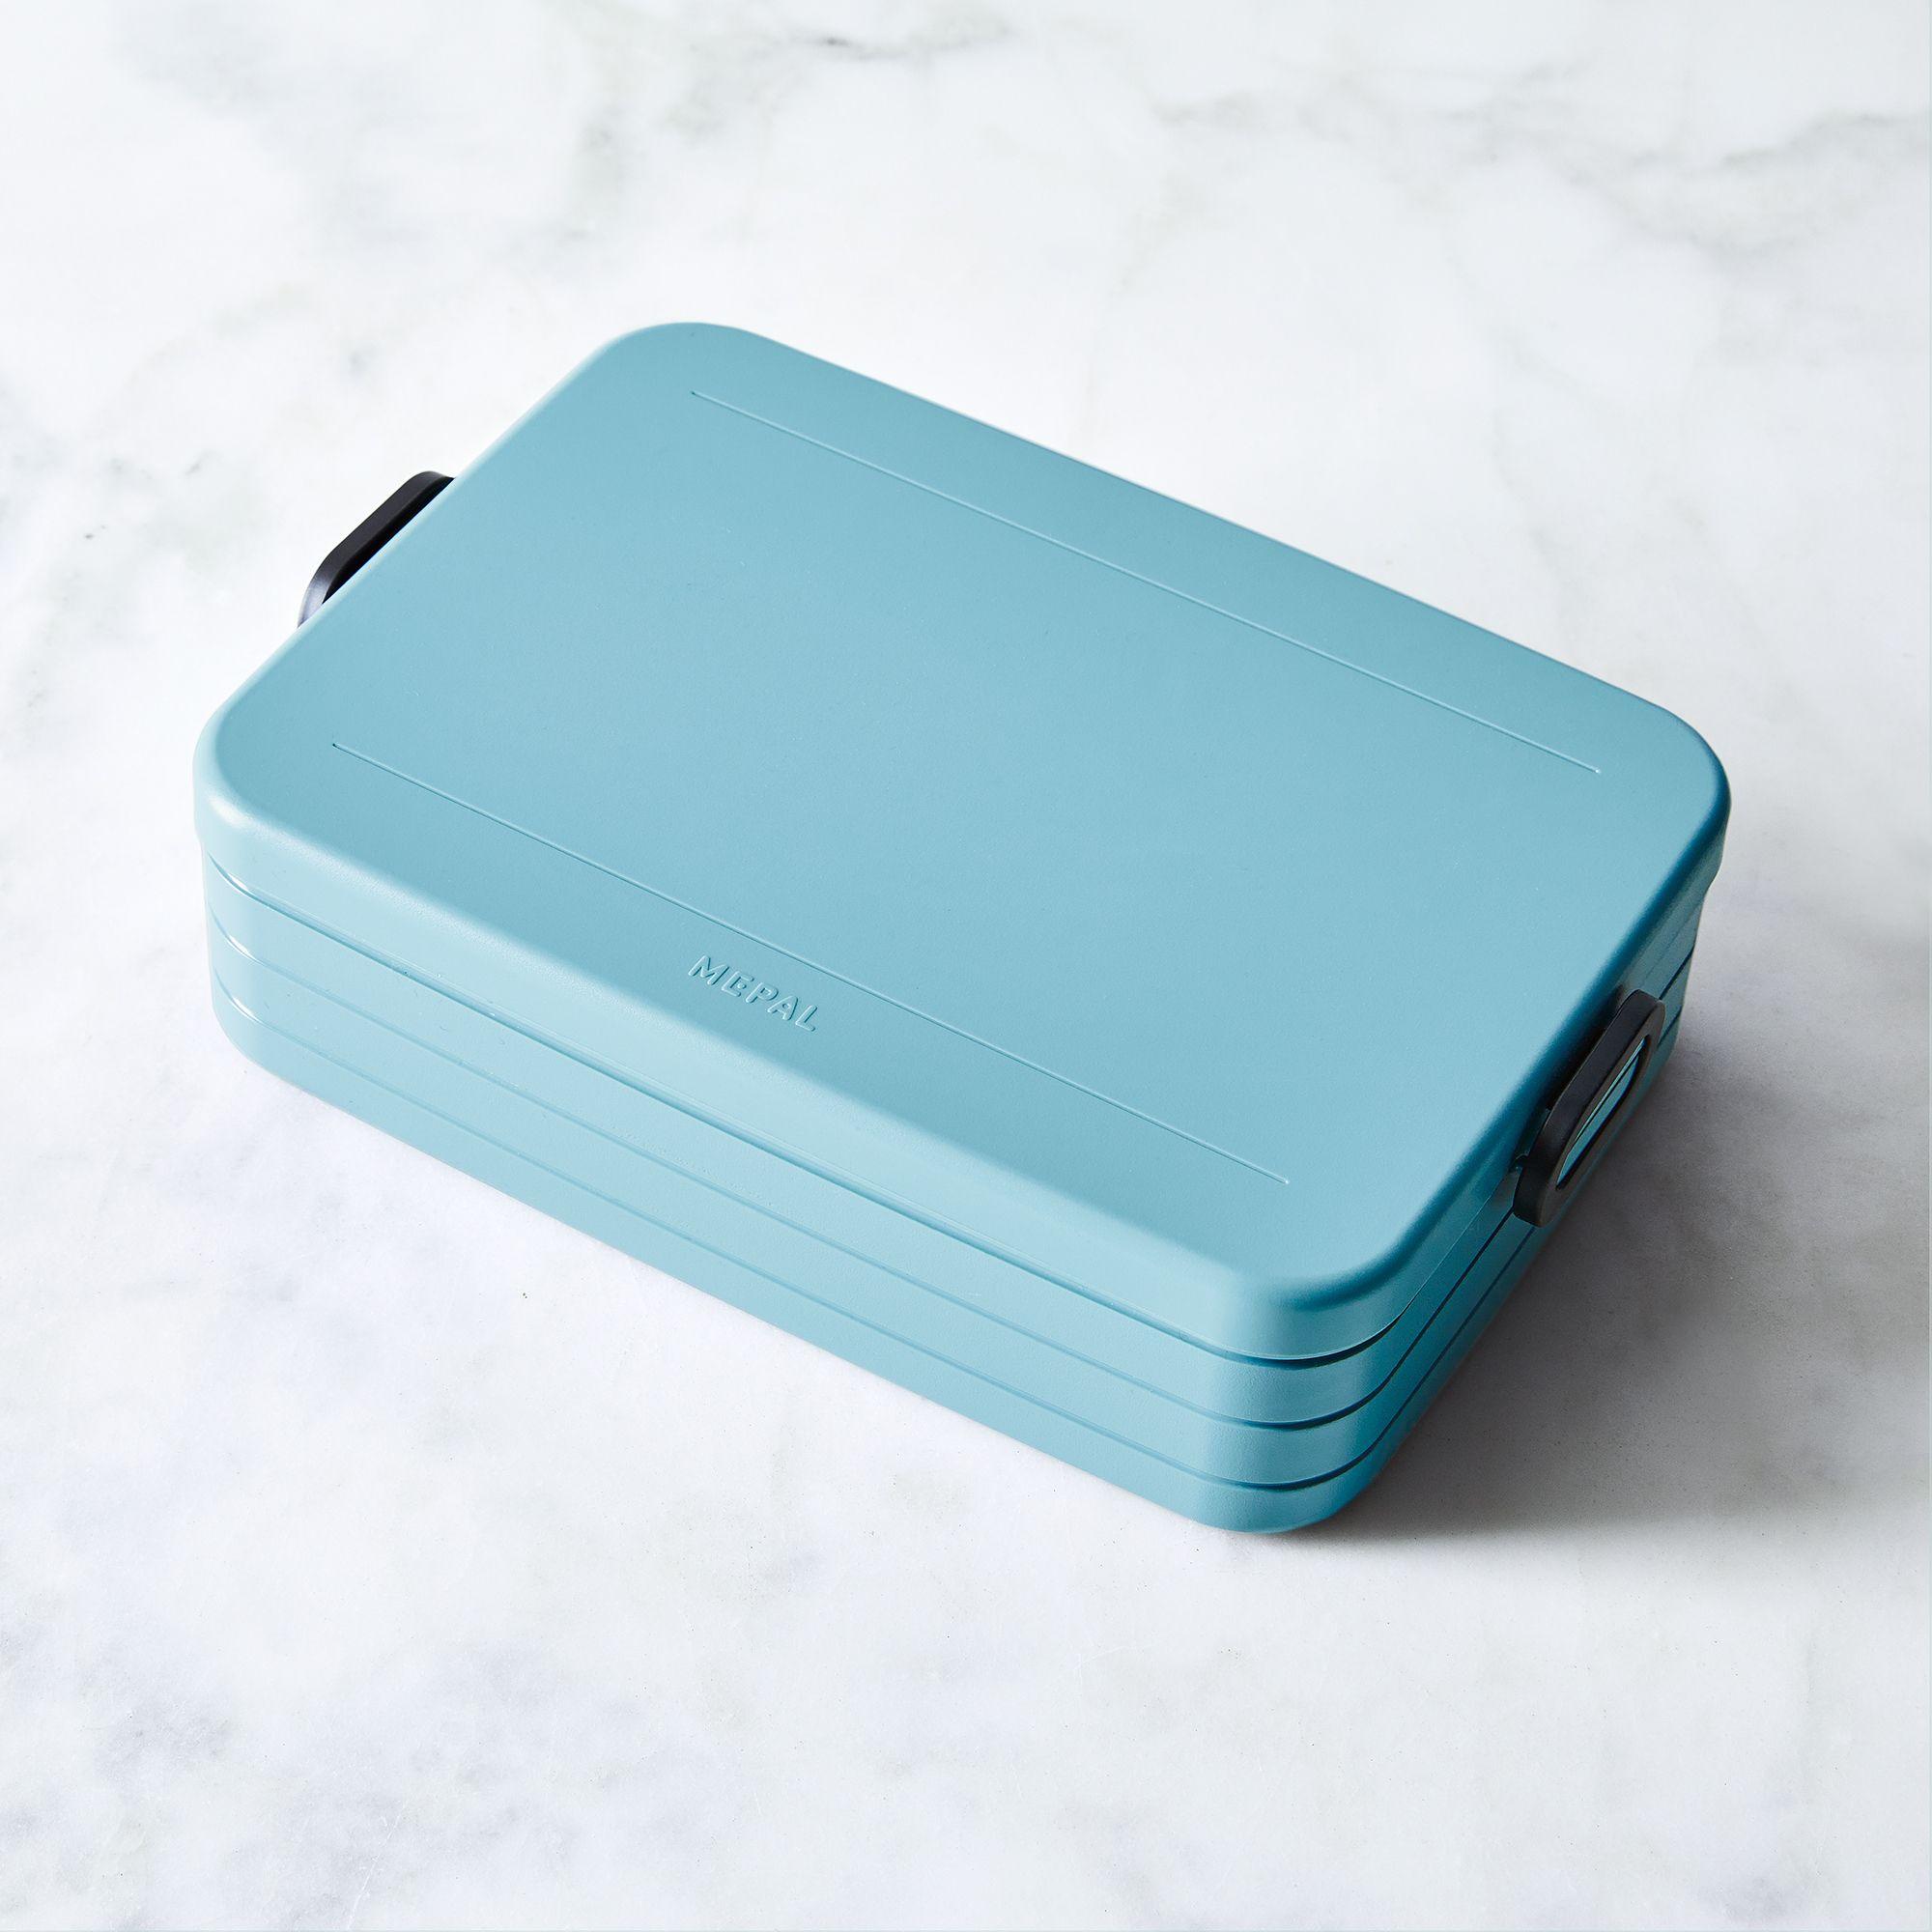 Bento Box by Mary